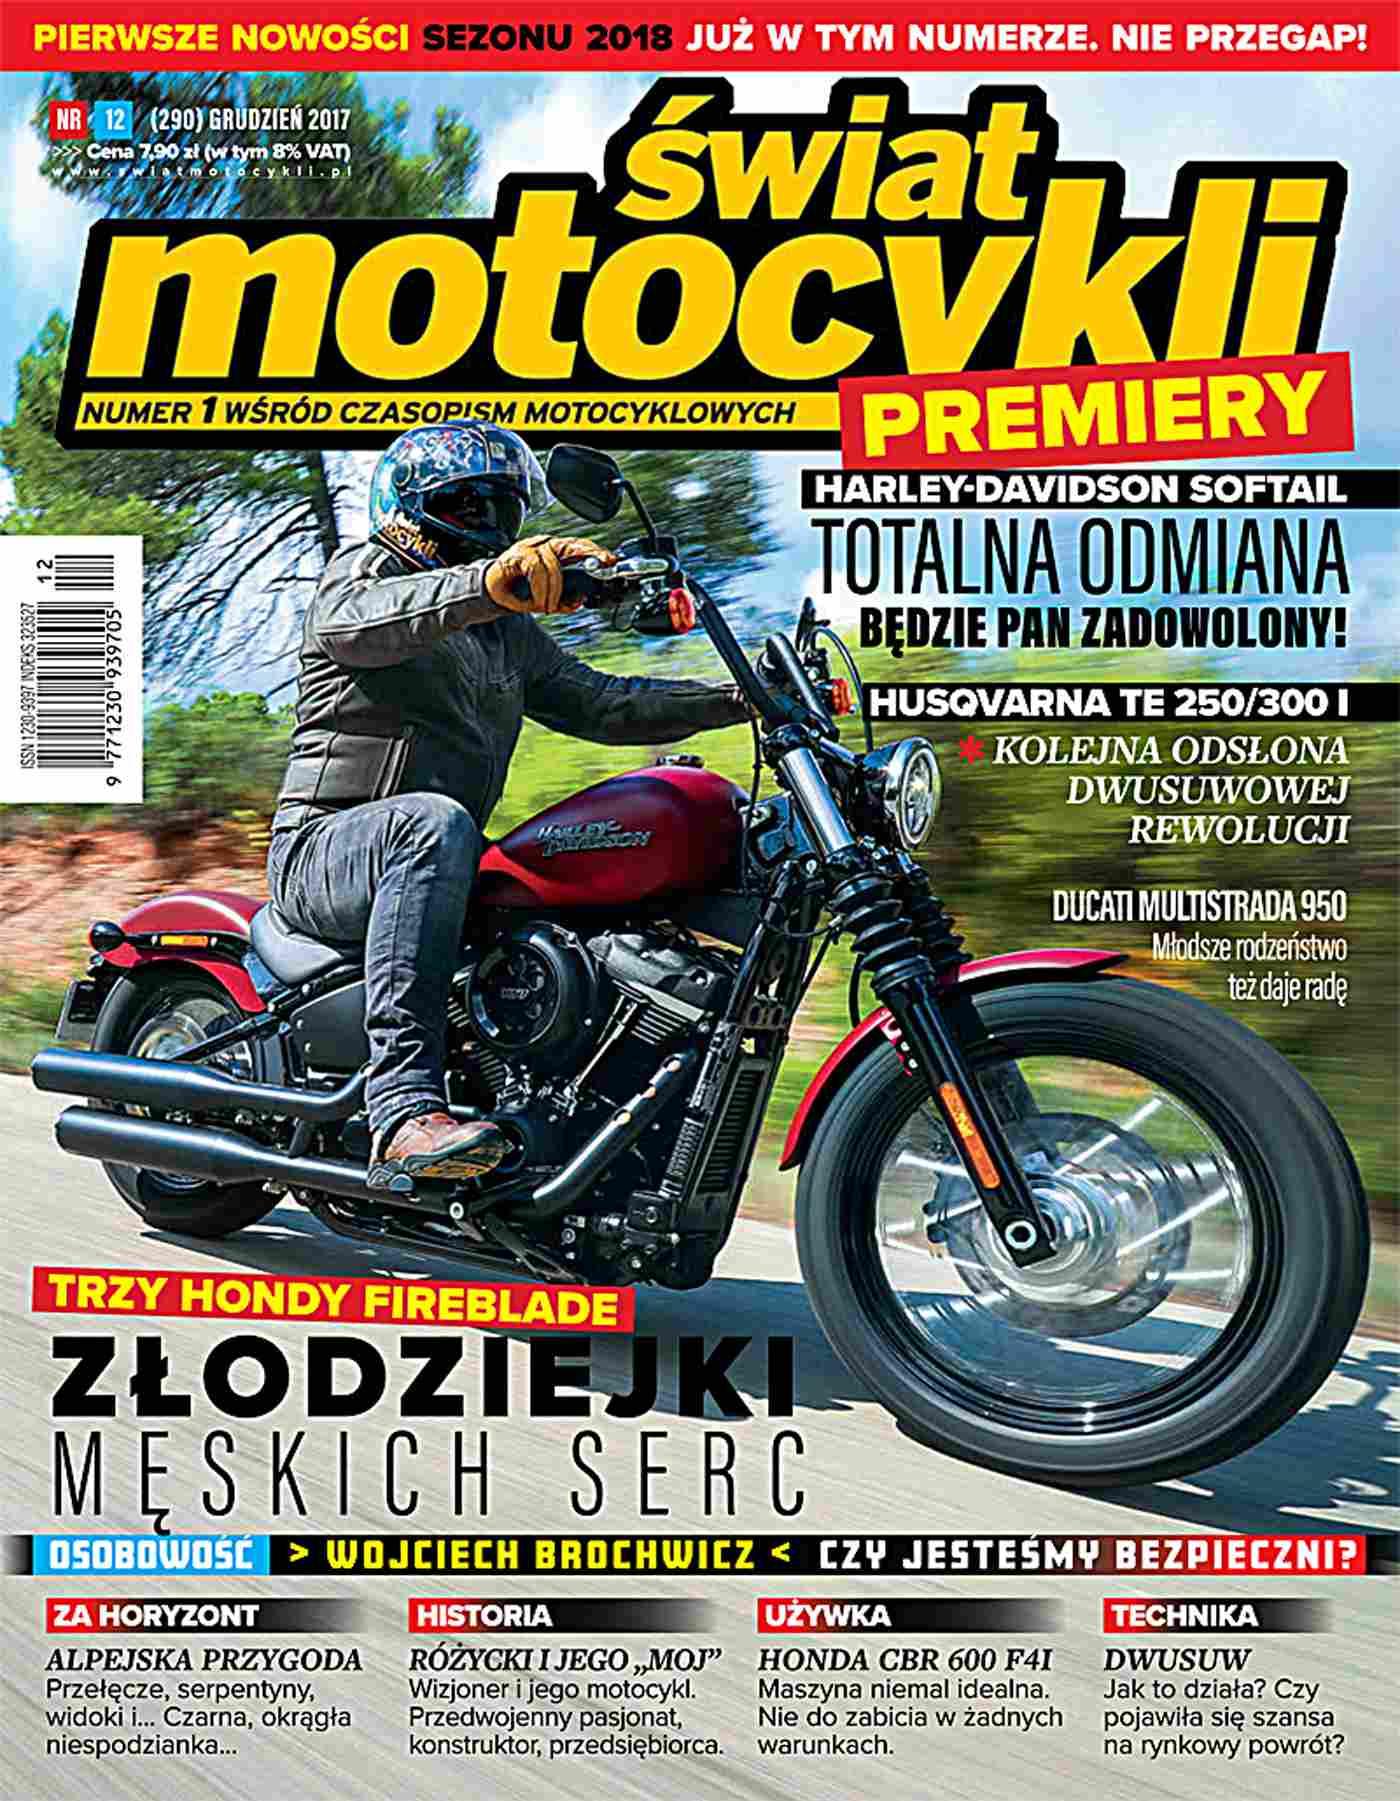 Świat Motocykli 12/2017 - Ebook (Książka PDF) do pobrania w formacie PDF